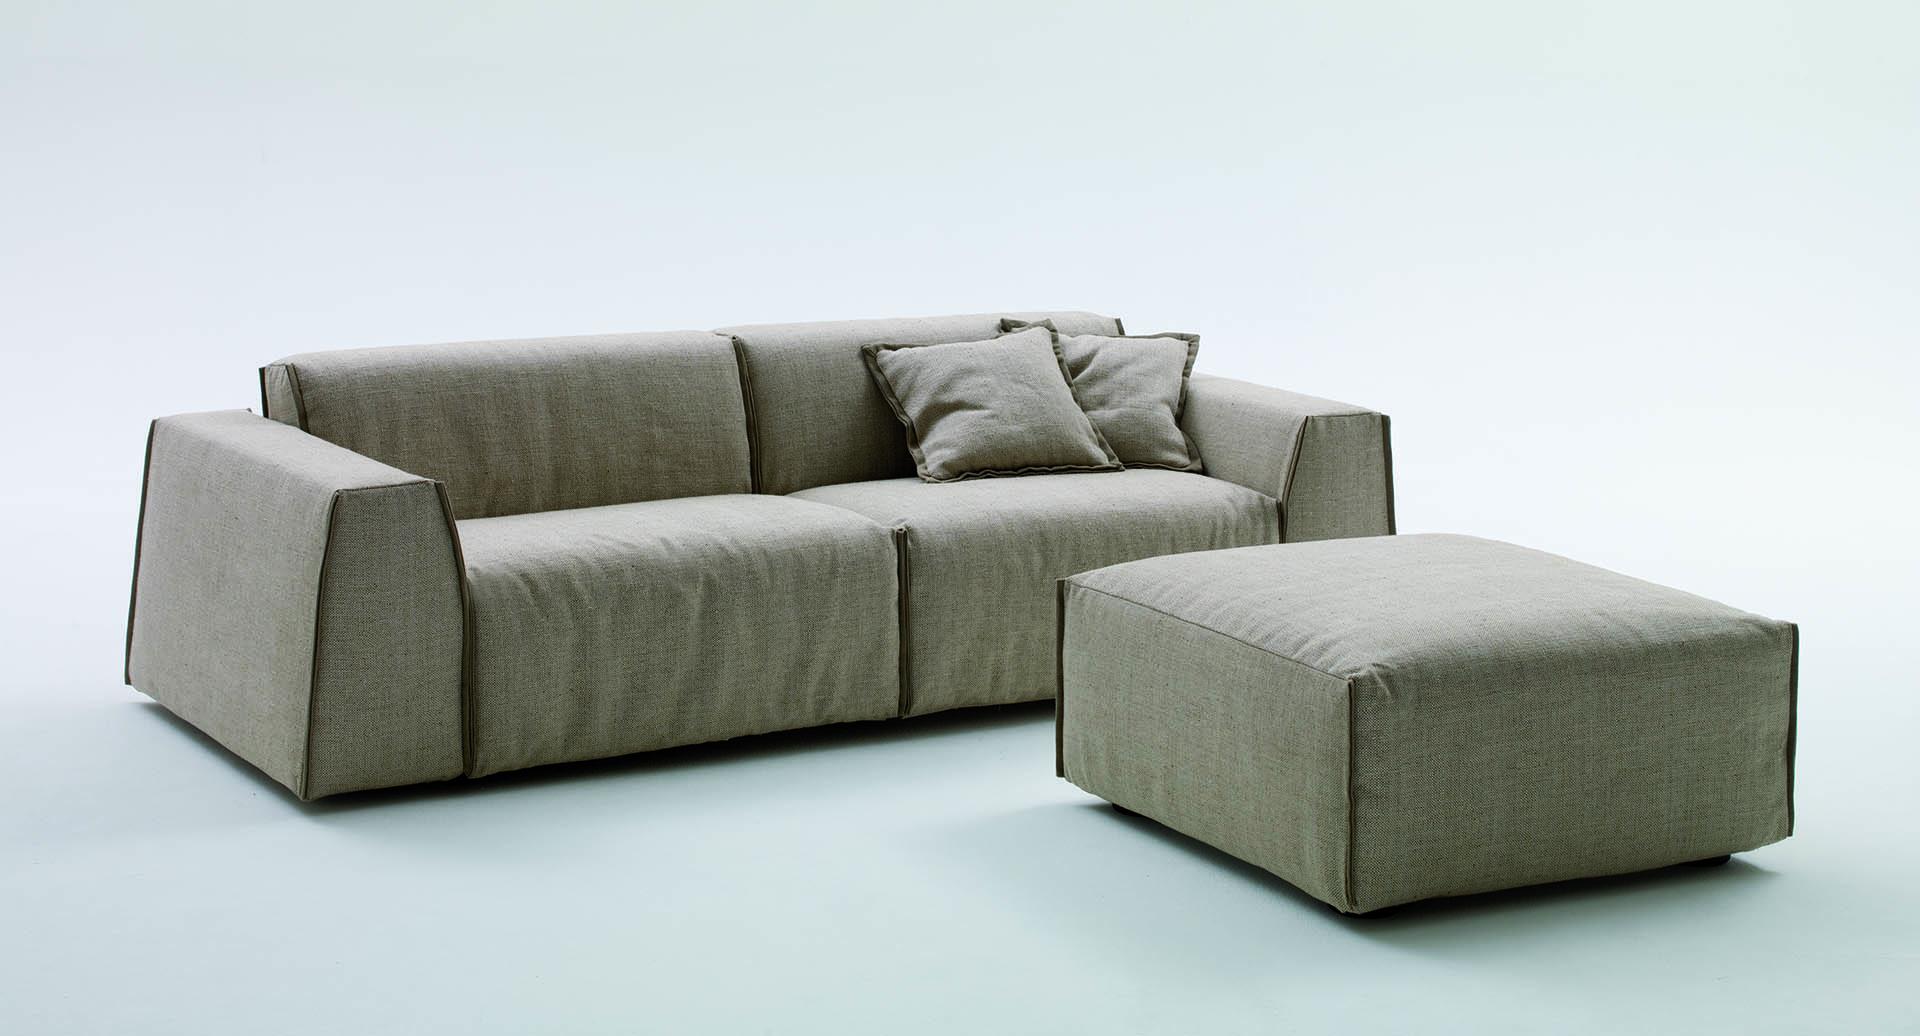 milano bedding divano letto parker. Black Bedroom Furniture Sets. Home Design Ideas